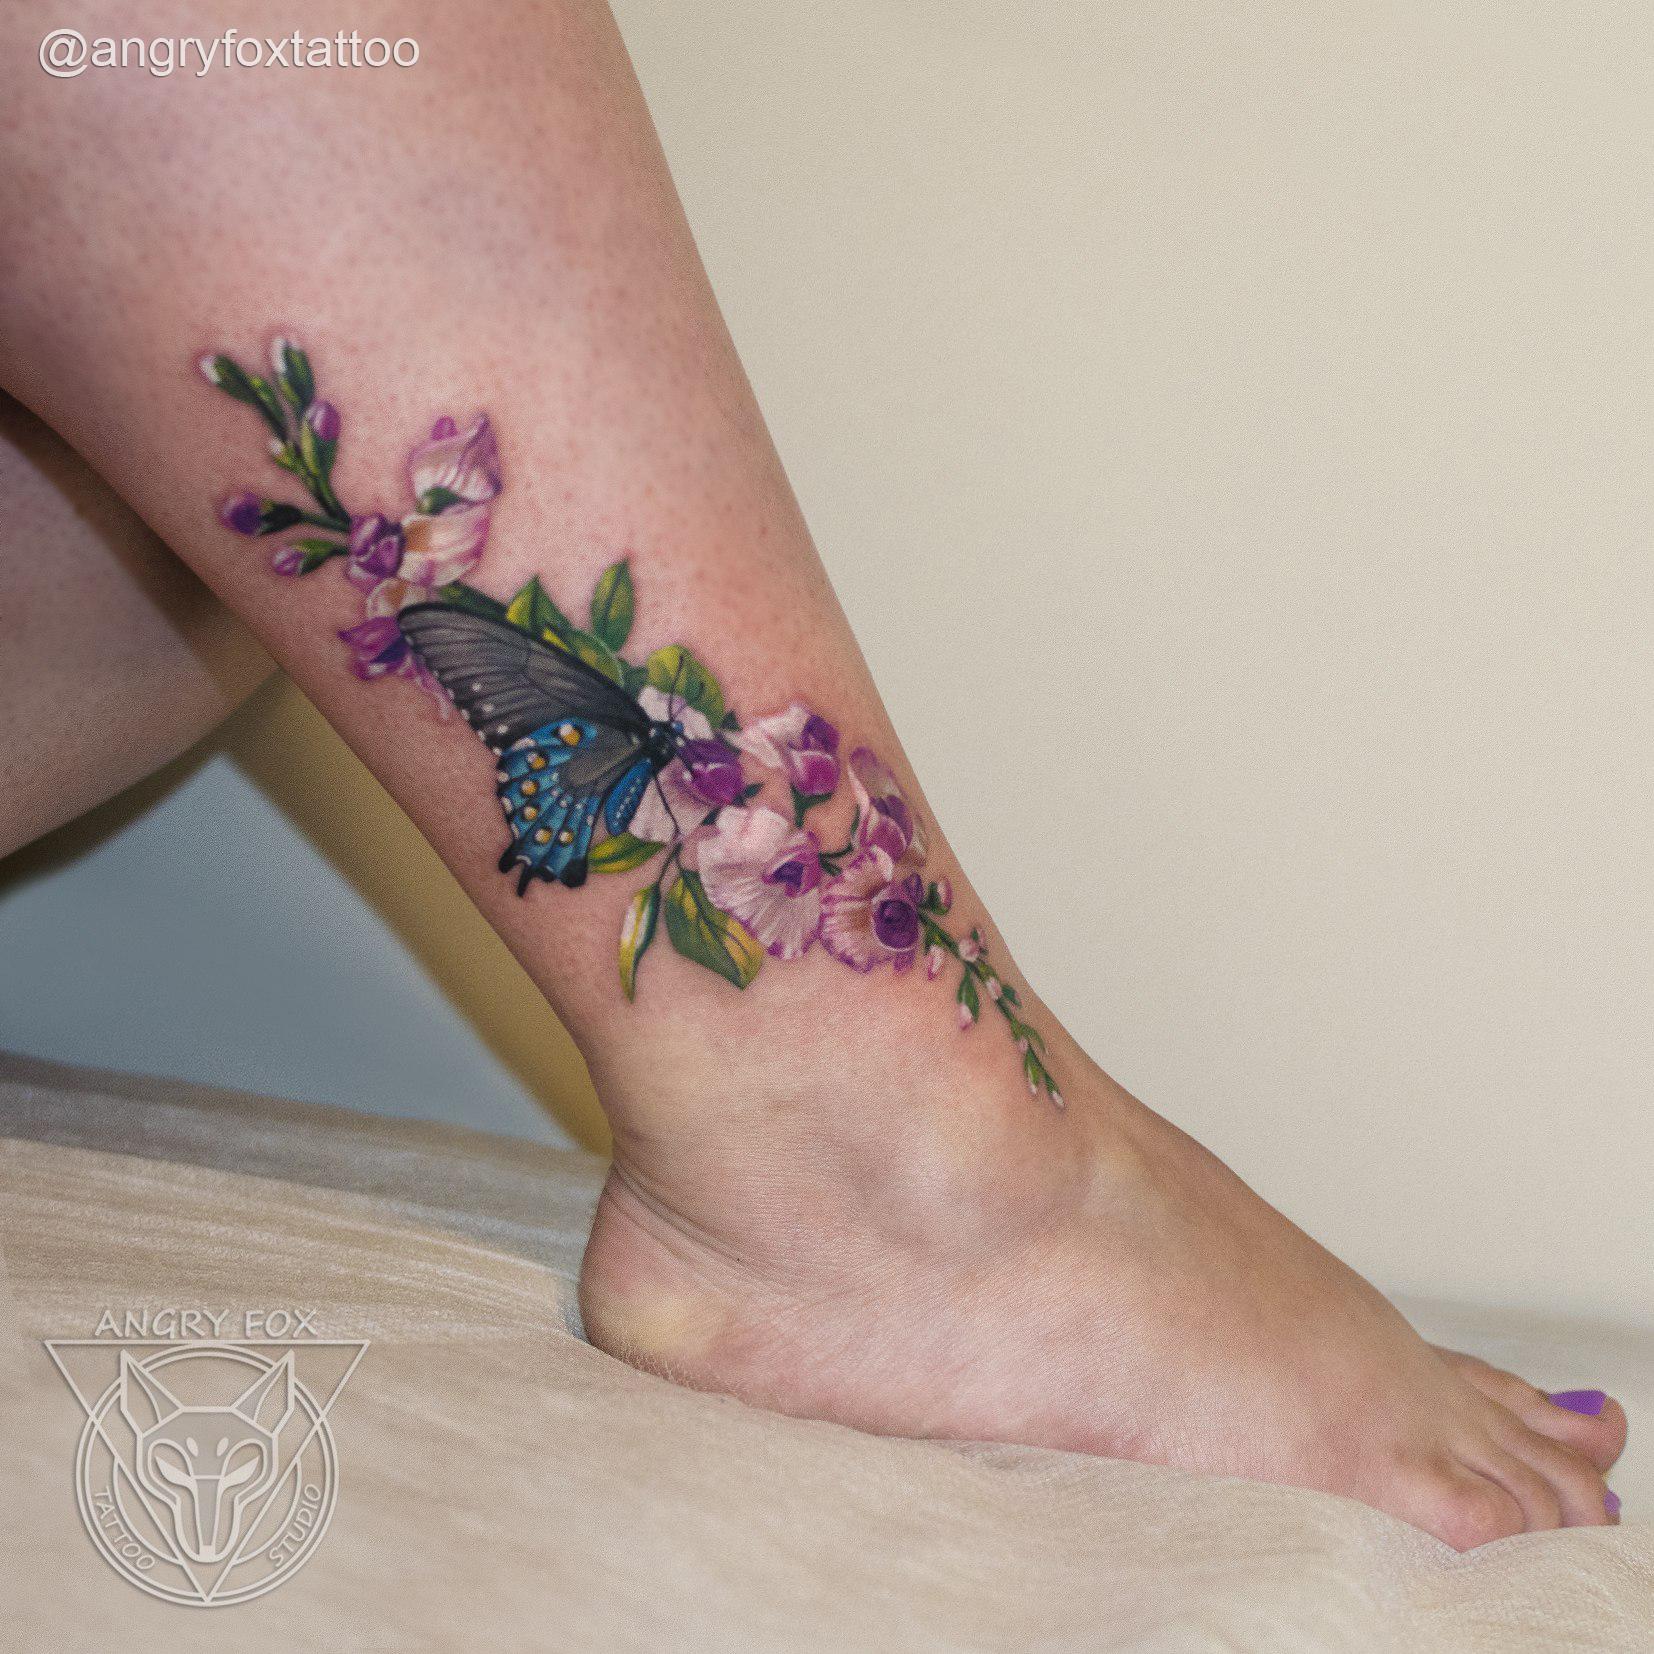 татуировка, тату, нога, стопа, ступня, цветы, бабочка, листья, девушка